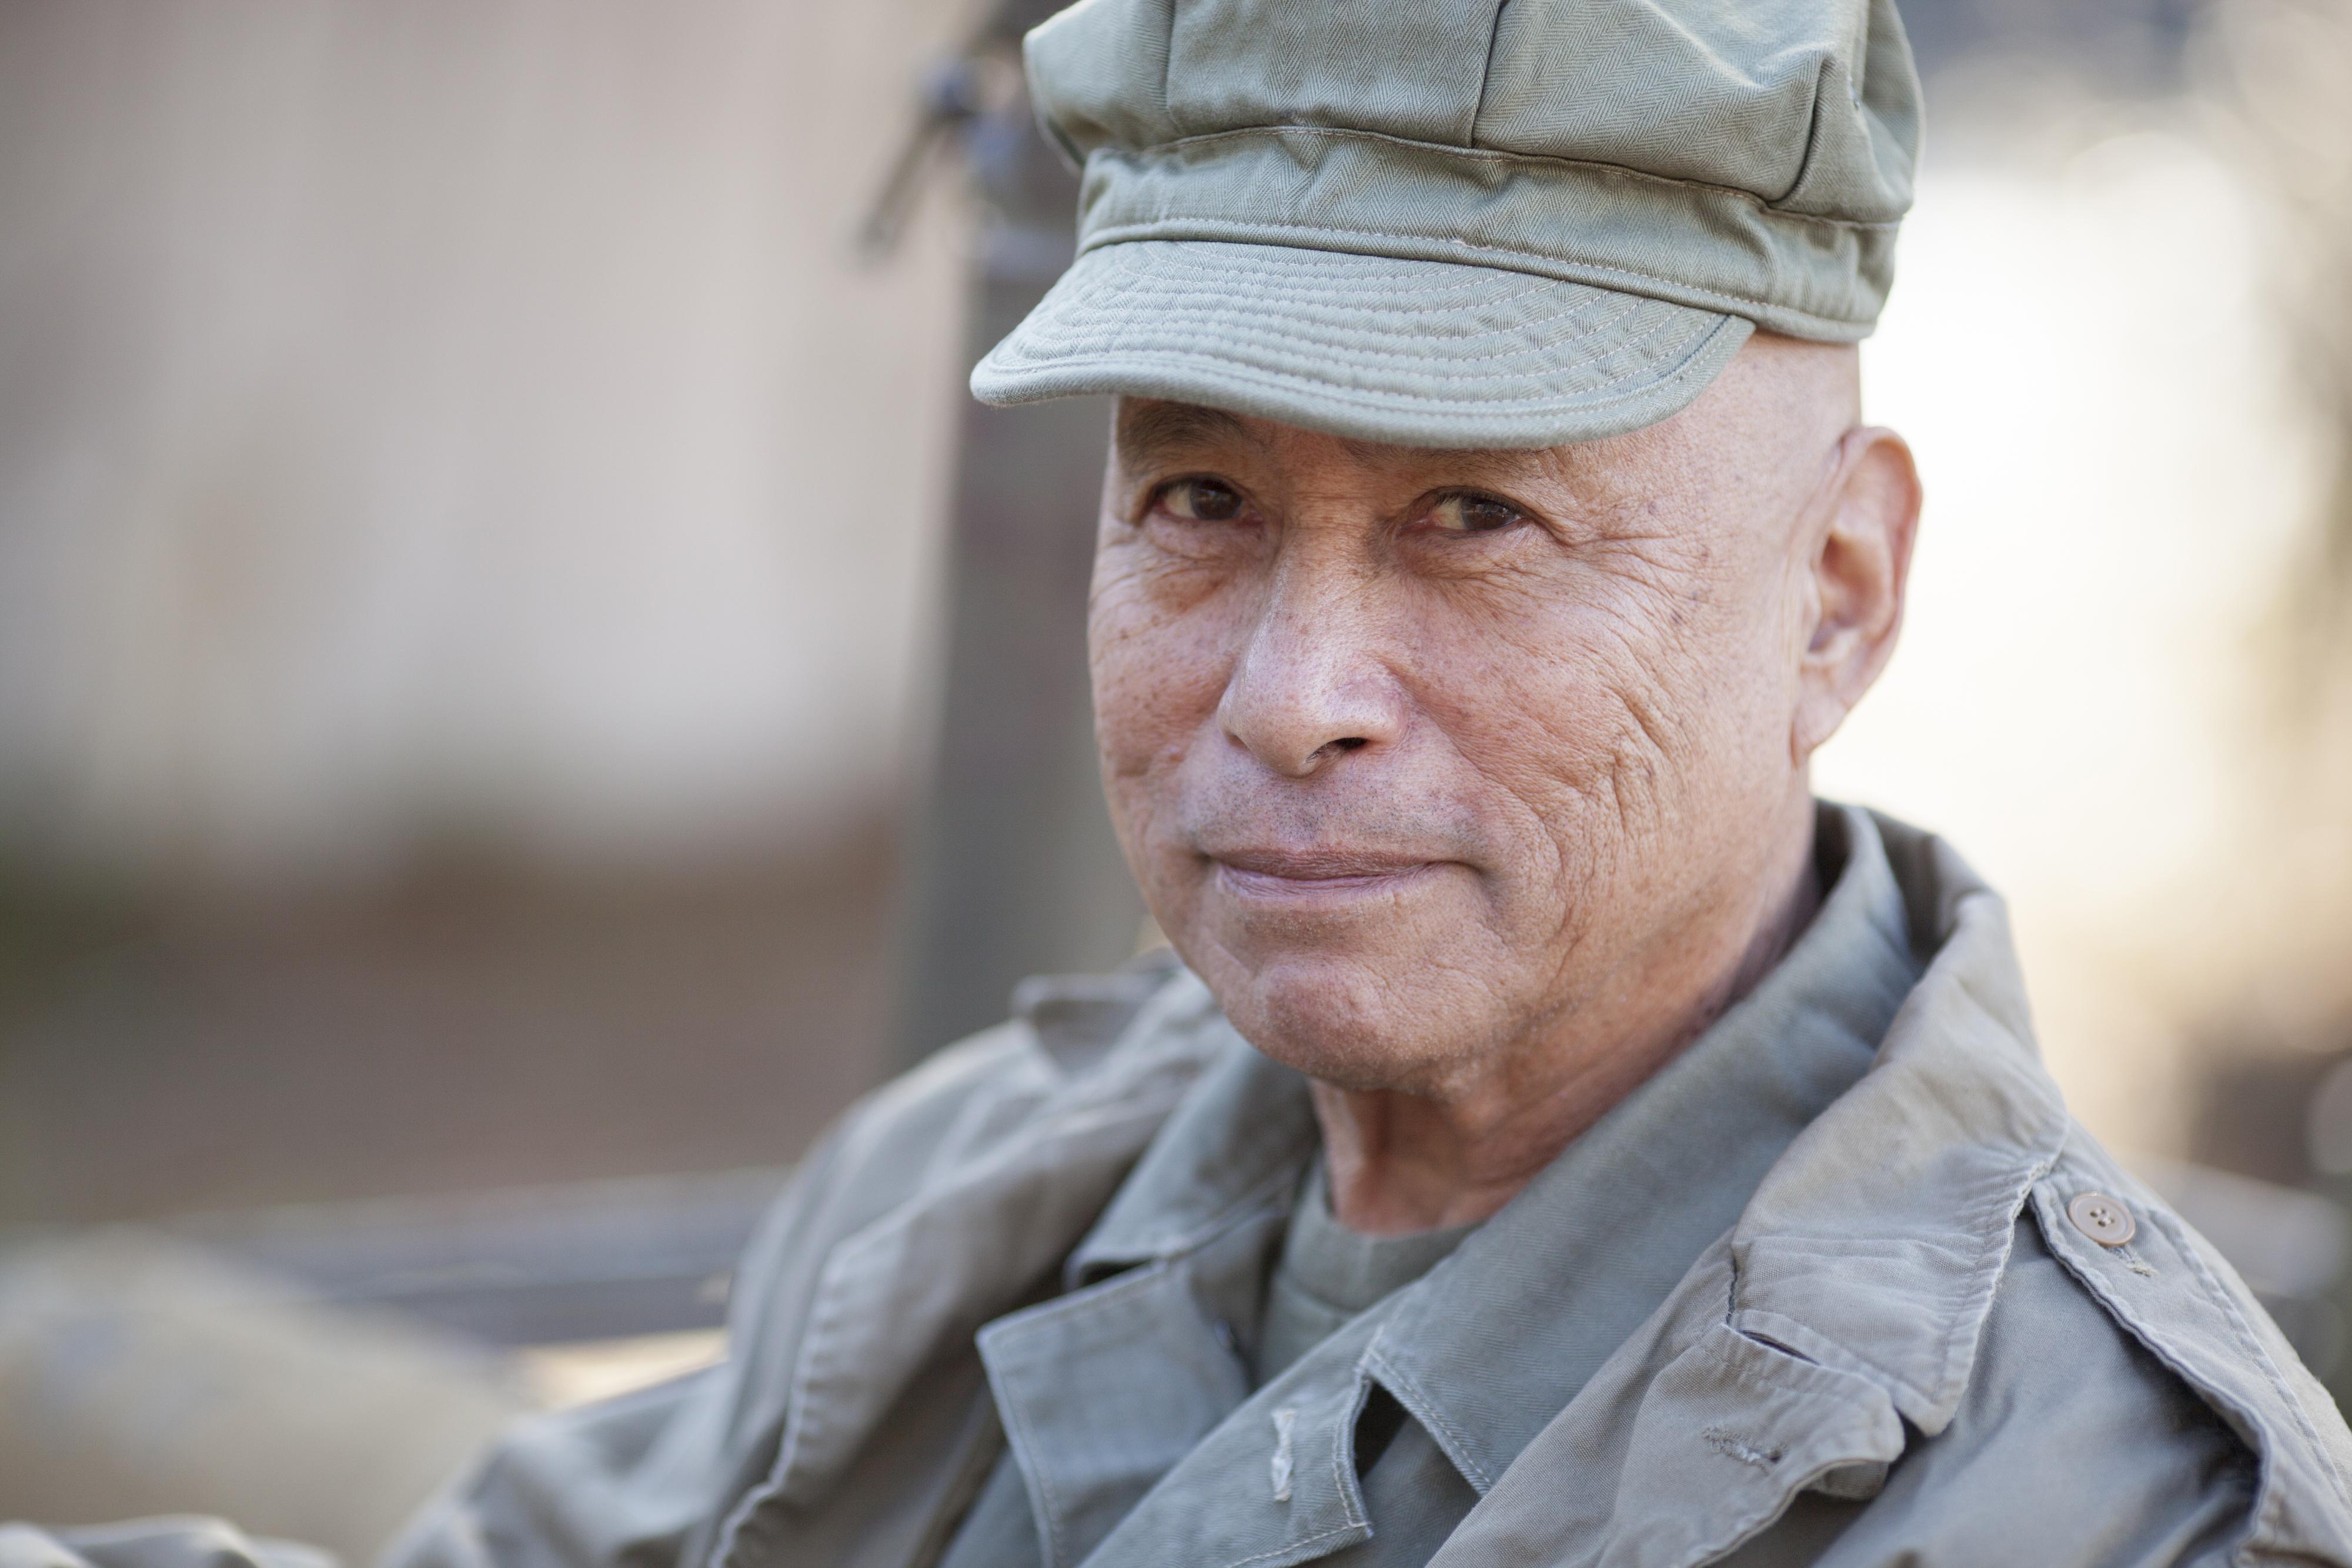 veteran in uniform